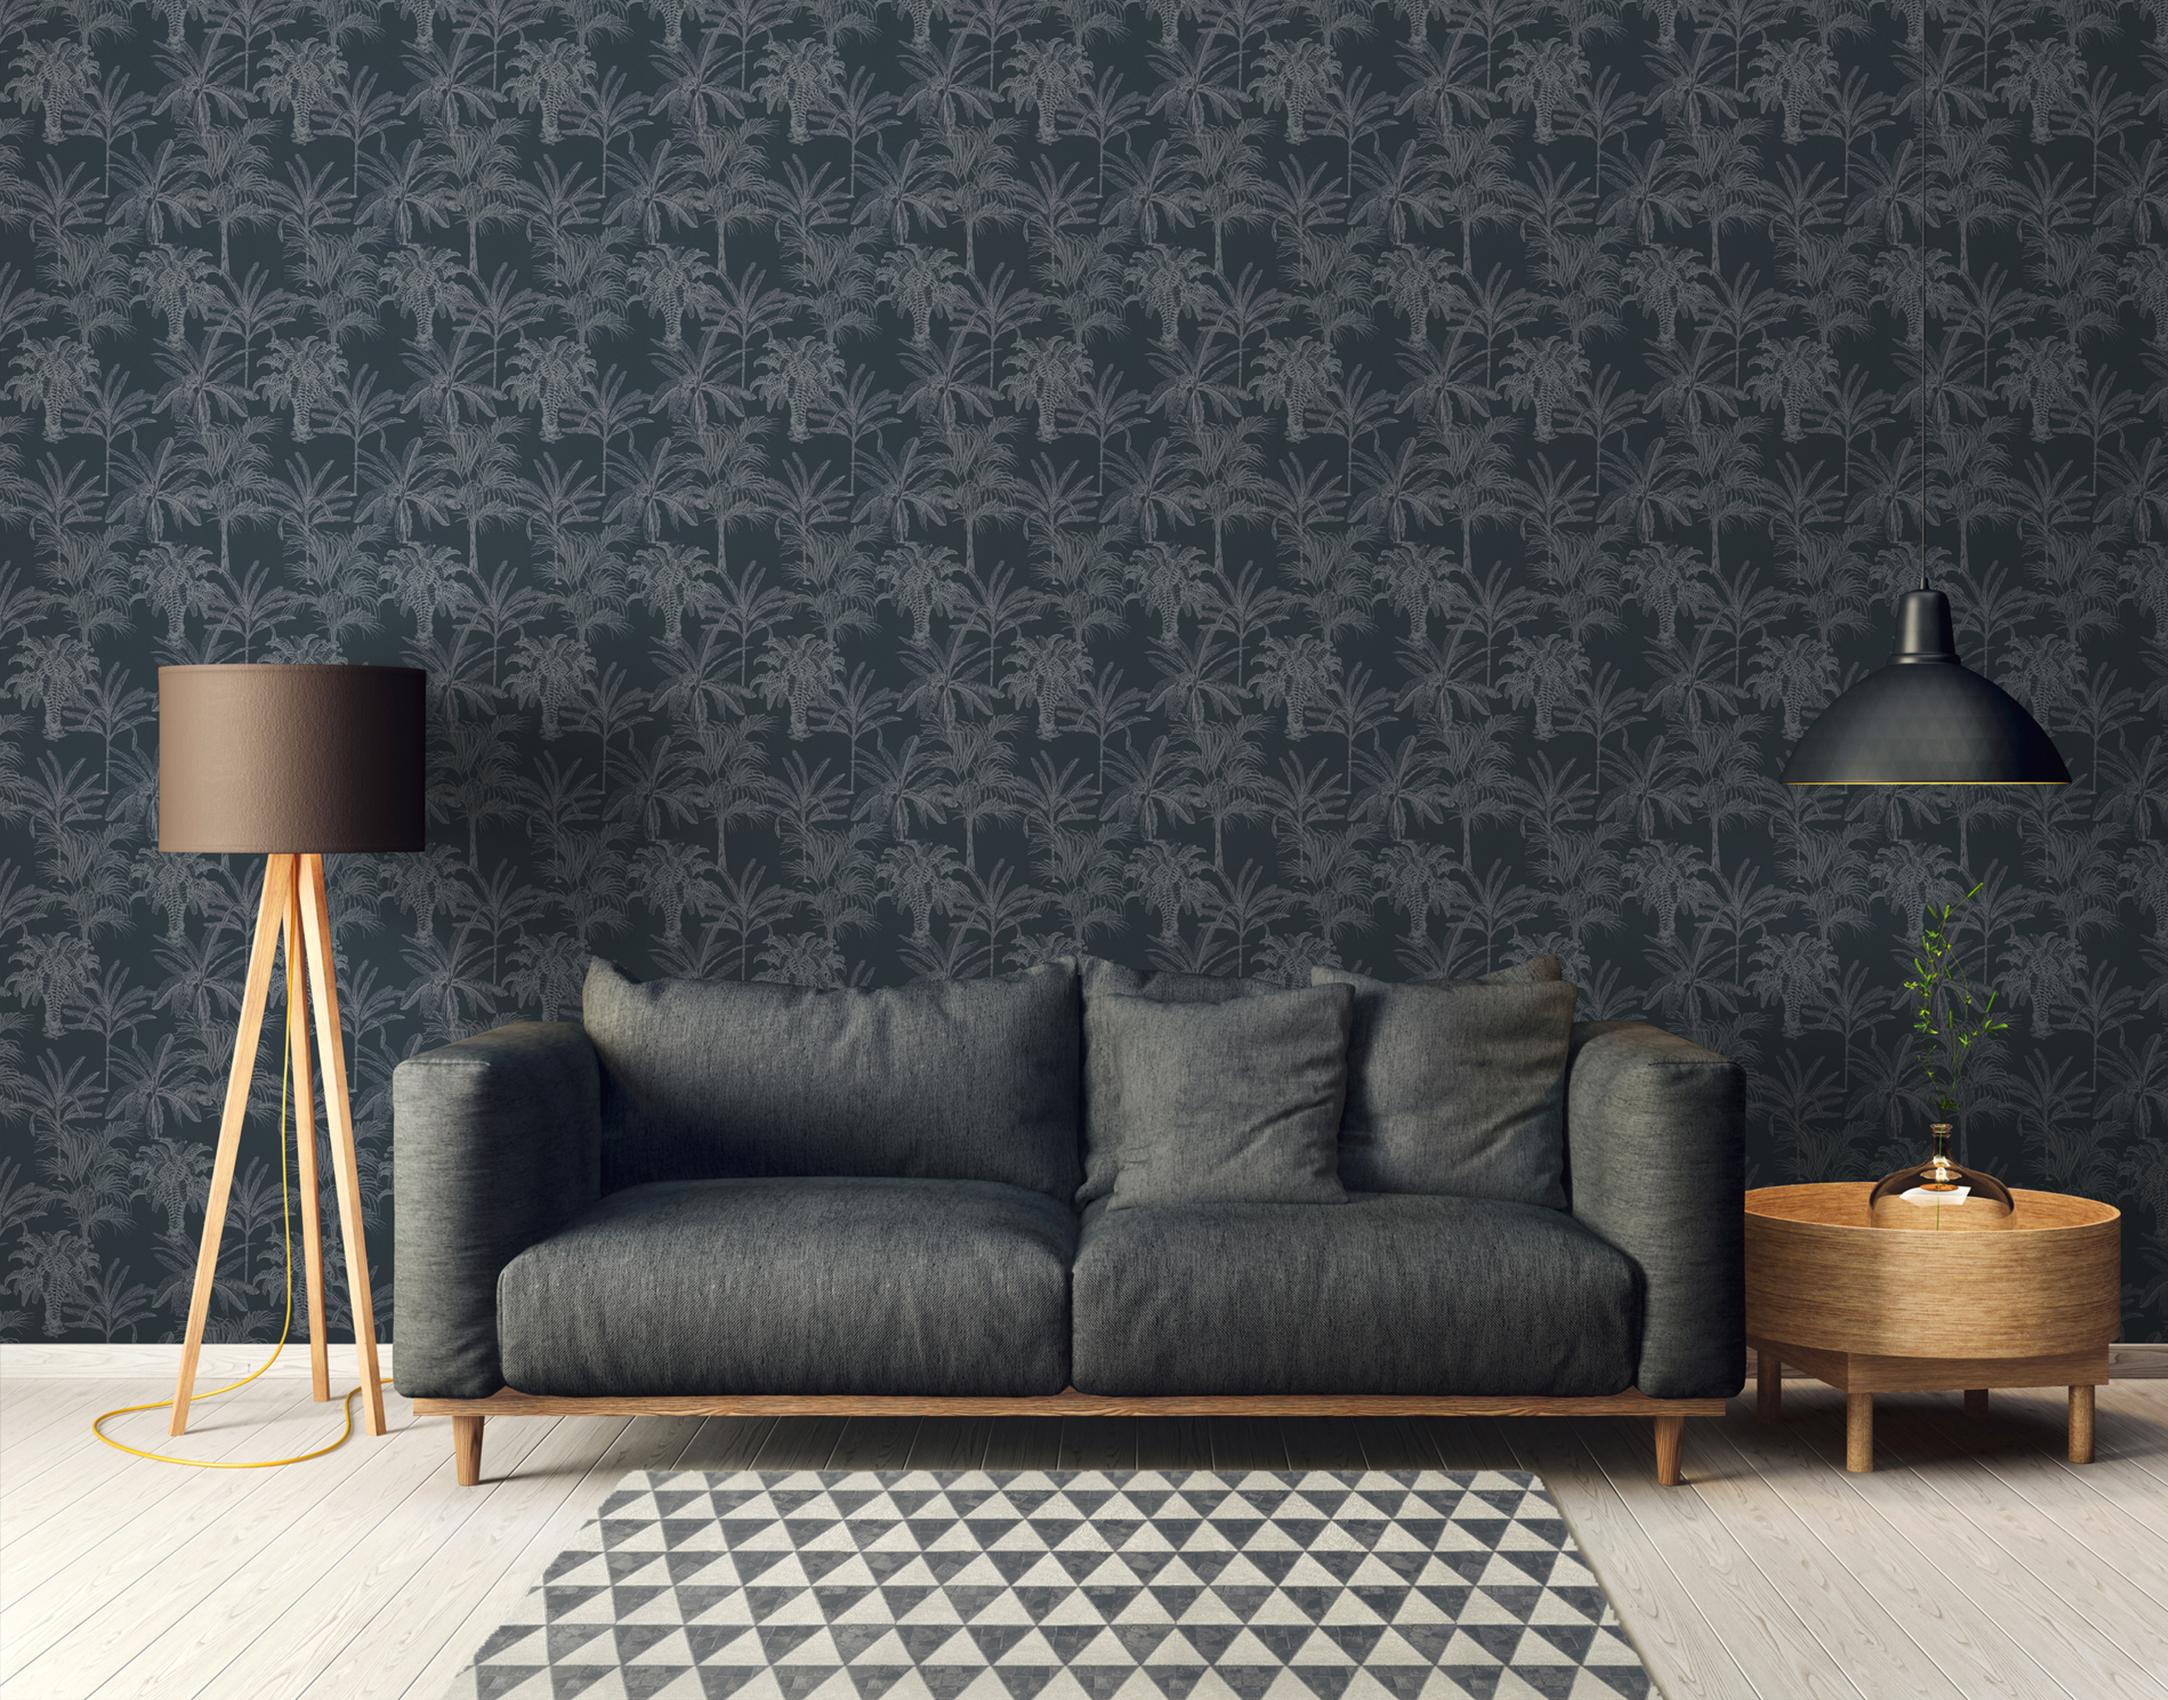 Wohnzimmerwand tapeziert mit dunkelblauer Michalsky Tapete mit Palmenmuster, Artikel AS379832